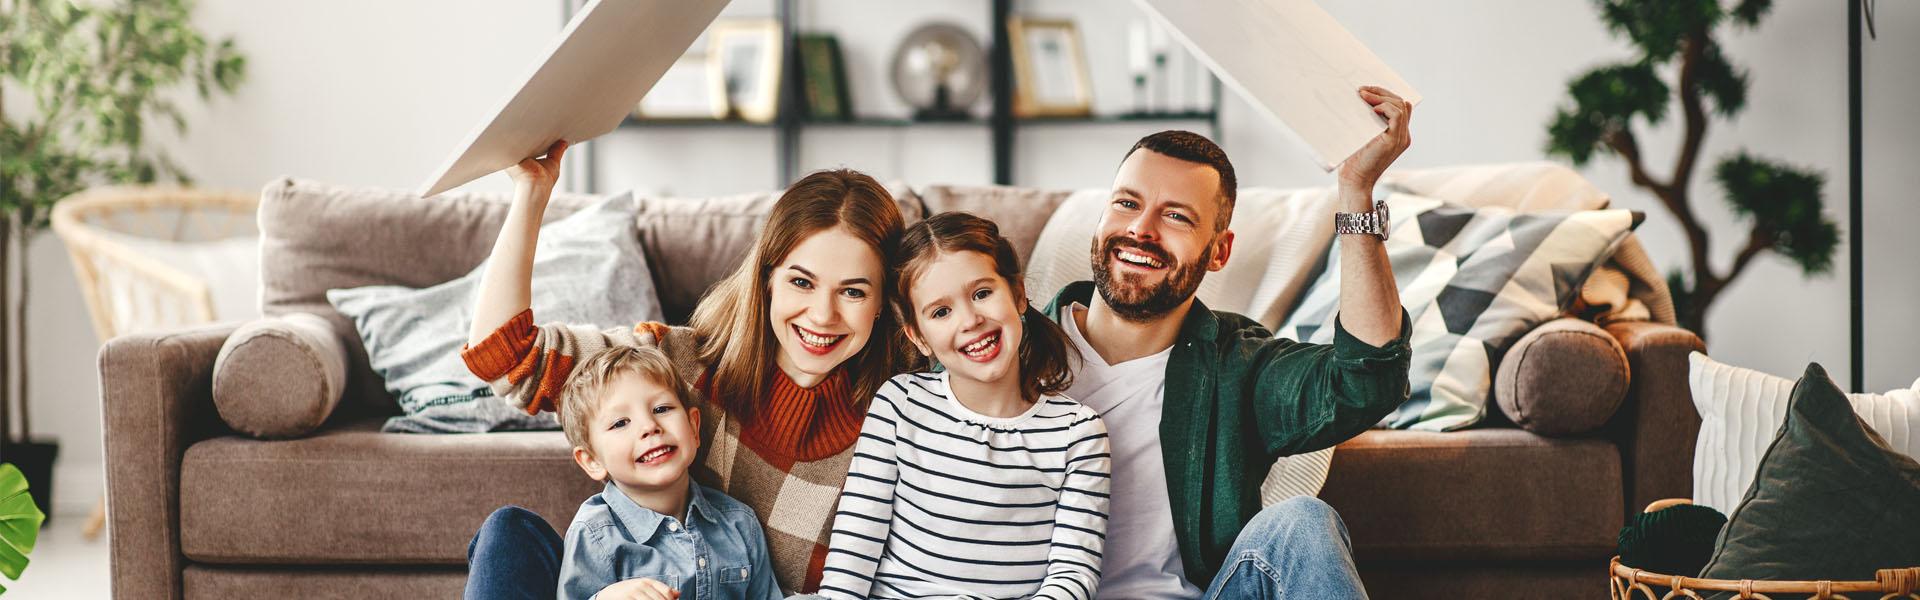 Glückliche Familie im Wohnzimmer hält sich ein Dach über dem Kopf